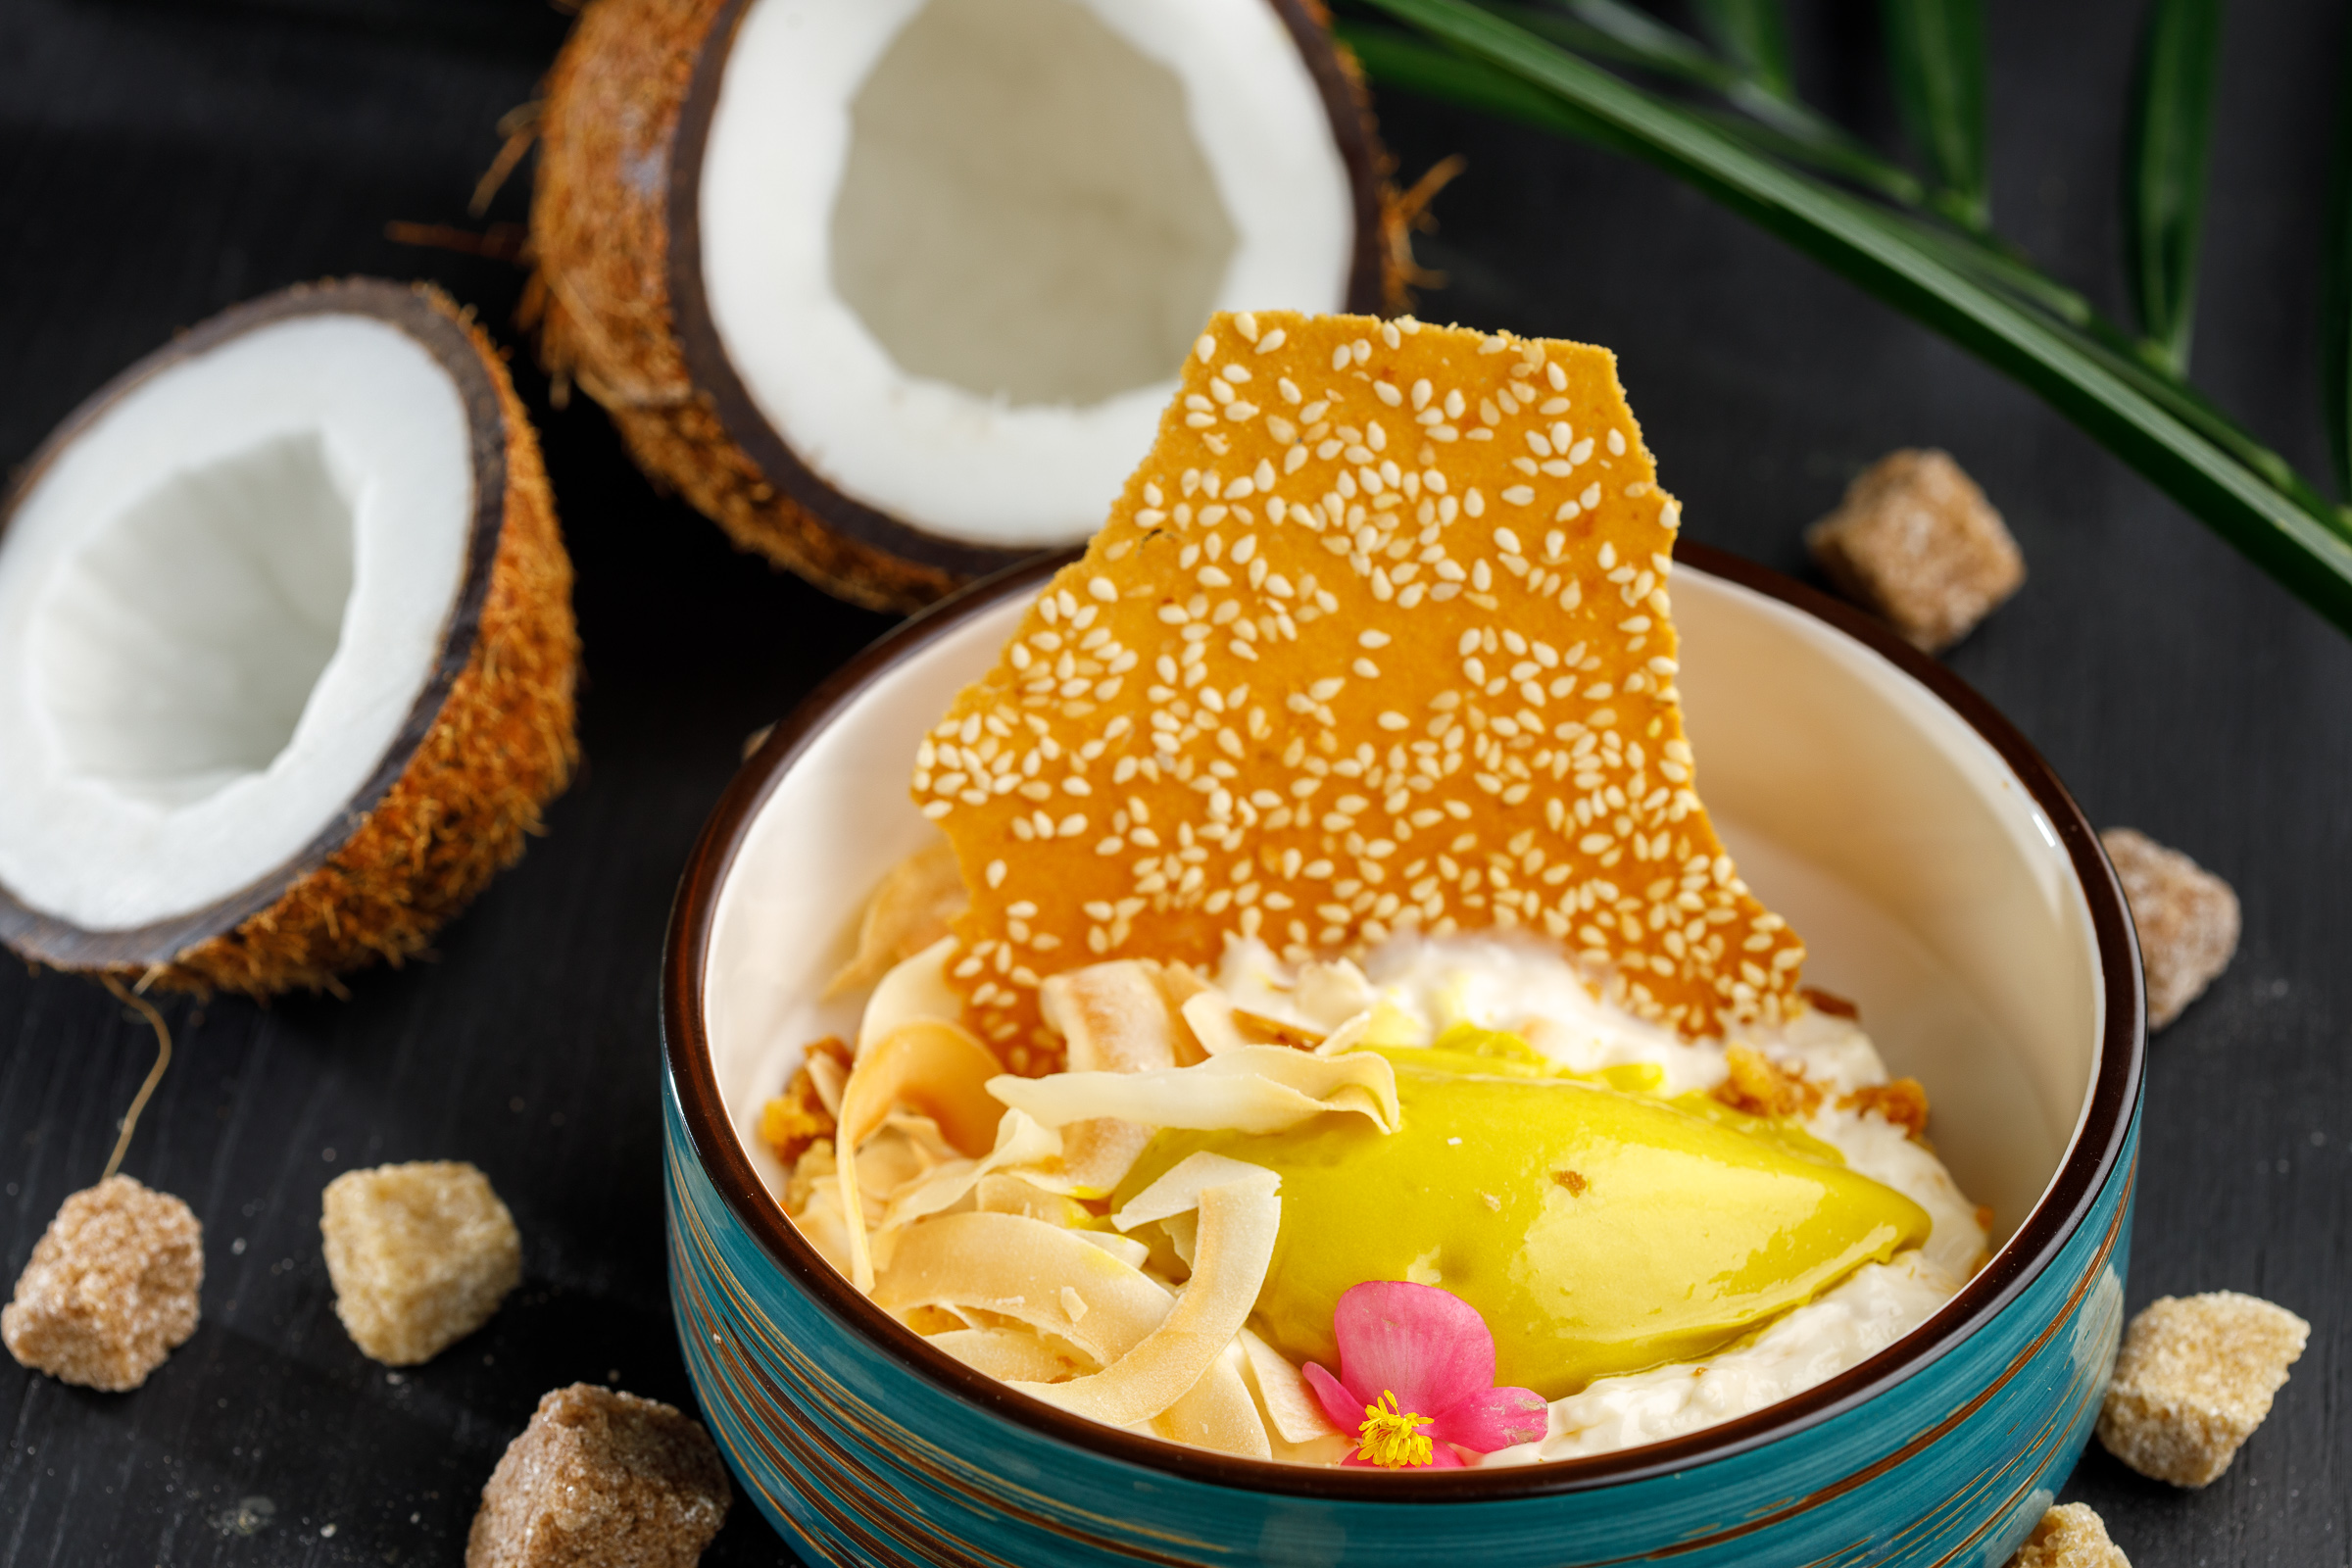 Кокосовый крем с лемонграссом и сорбетом манго-авокадо